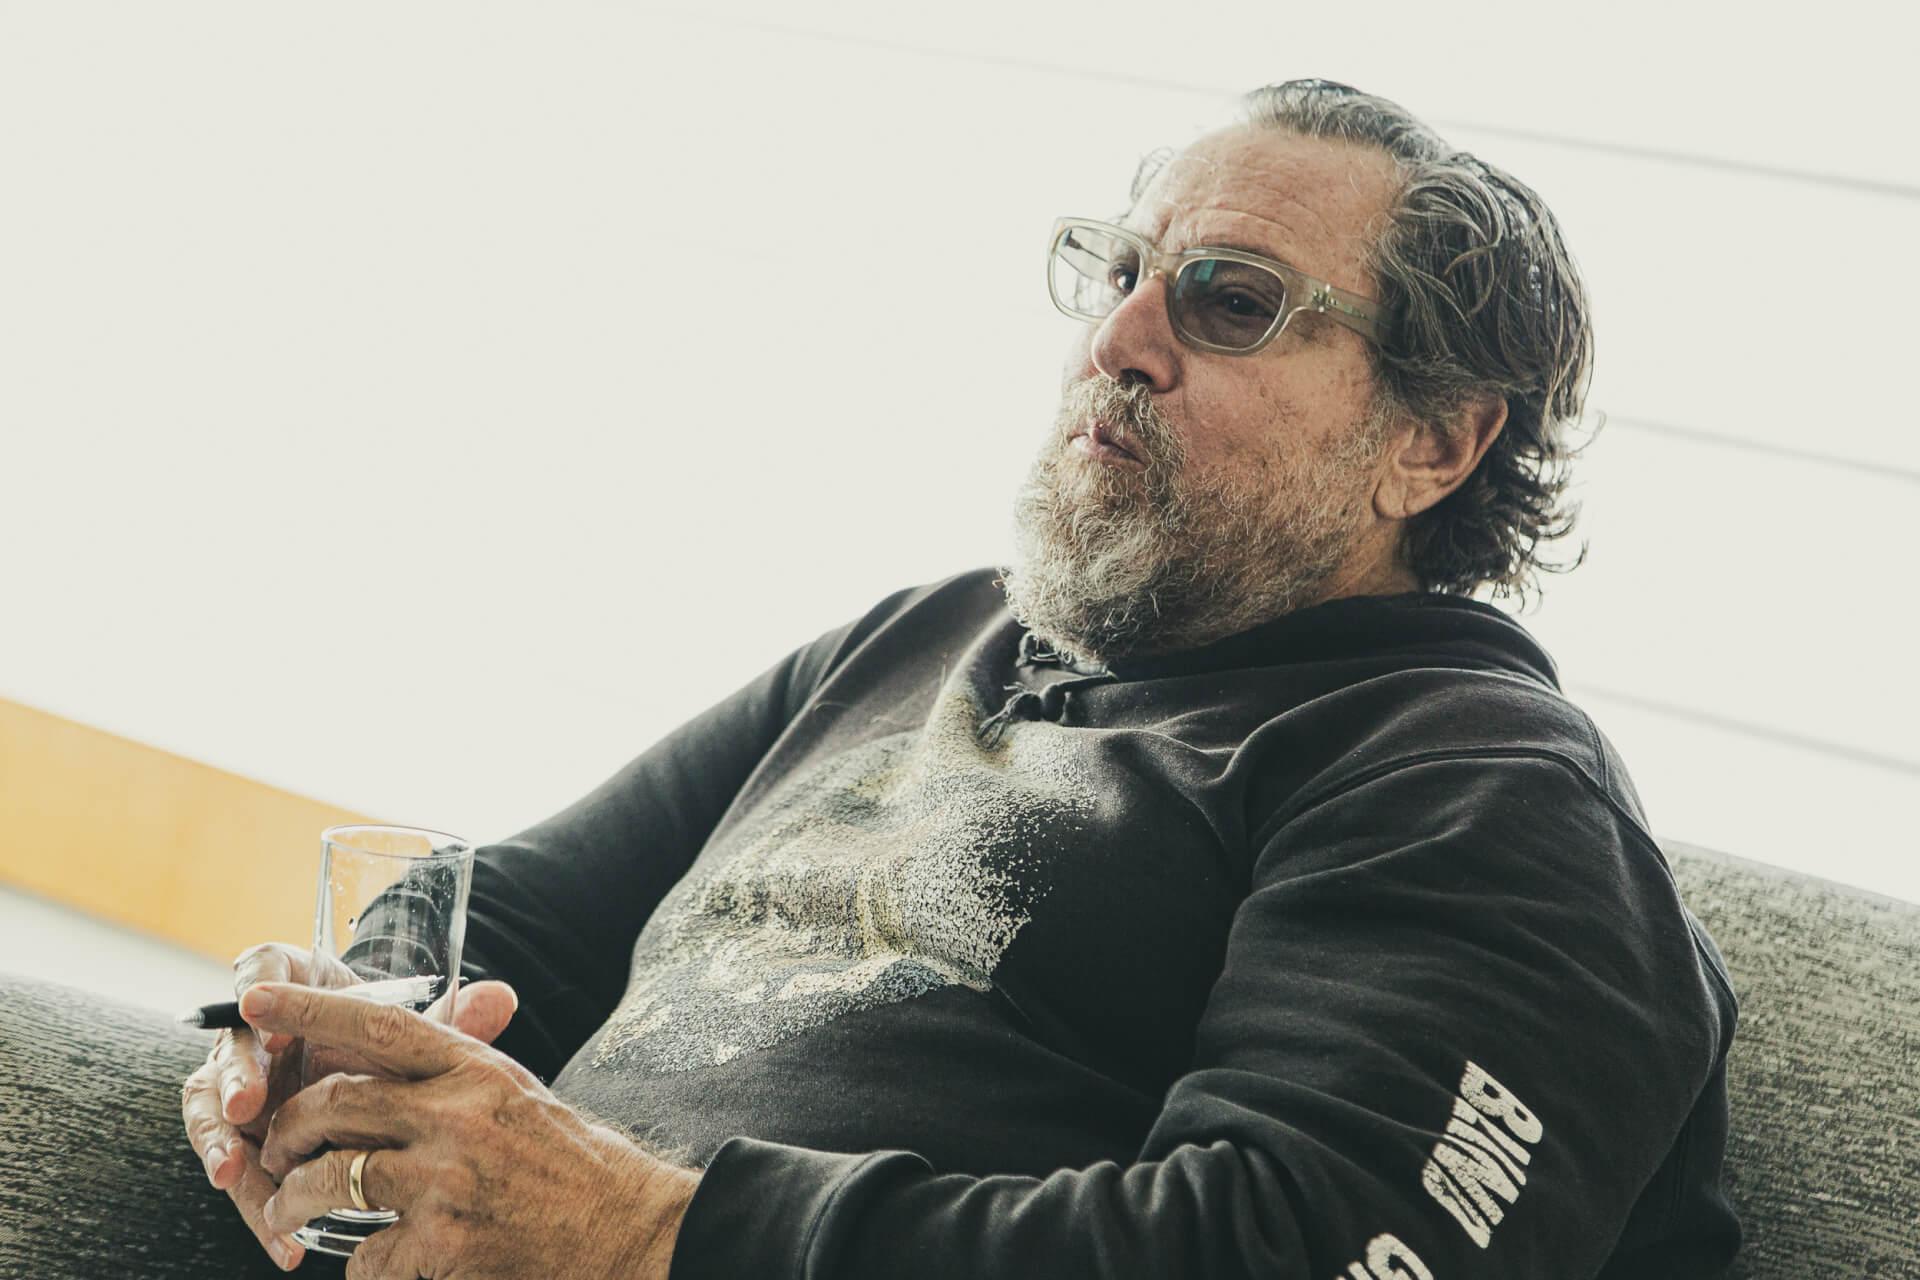 ジュリアン・シュナーベル監督が描いた孤高の天才画家・ゴッホの魂とは interview191028-julian-schnabel-goah-2